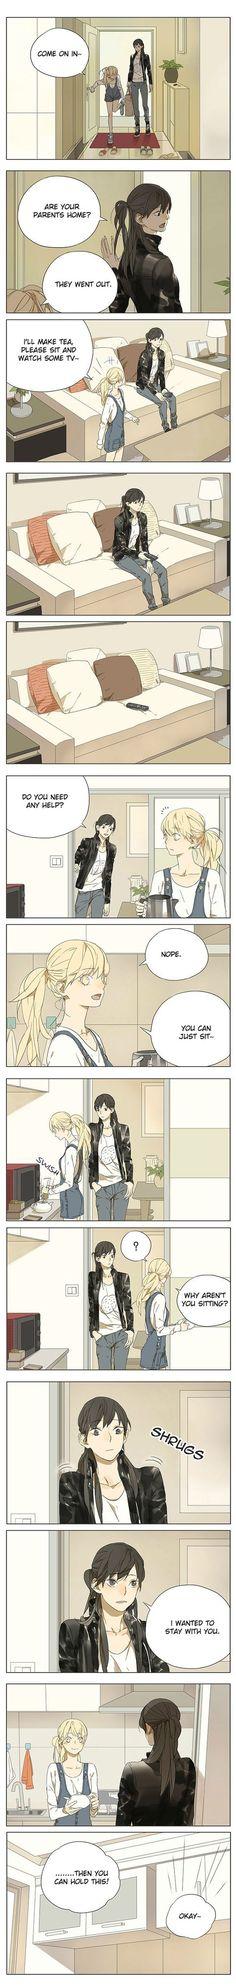 Tamen Di Gushi 56 http://mangafox.me/manga/tamen_de_gushi/c056/1.html